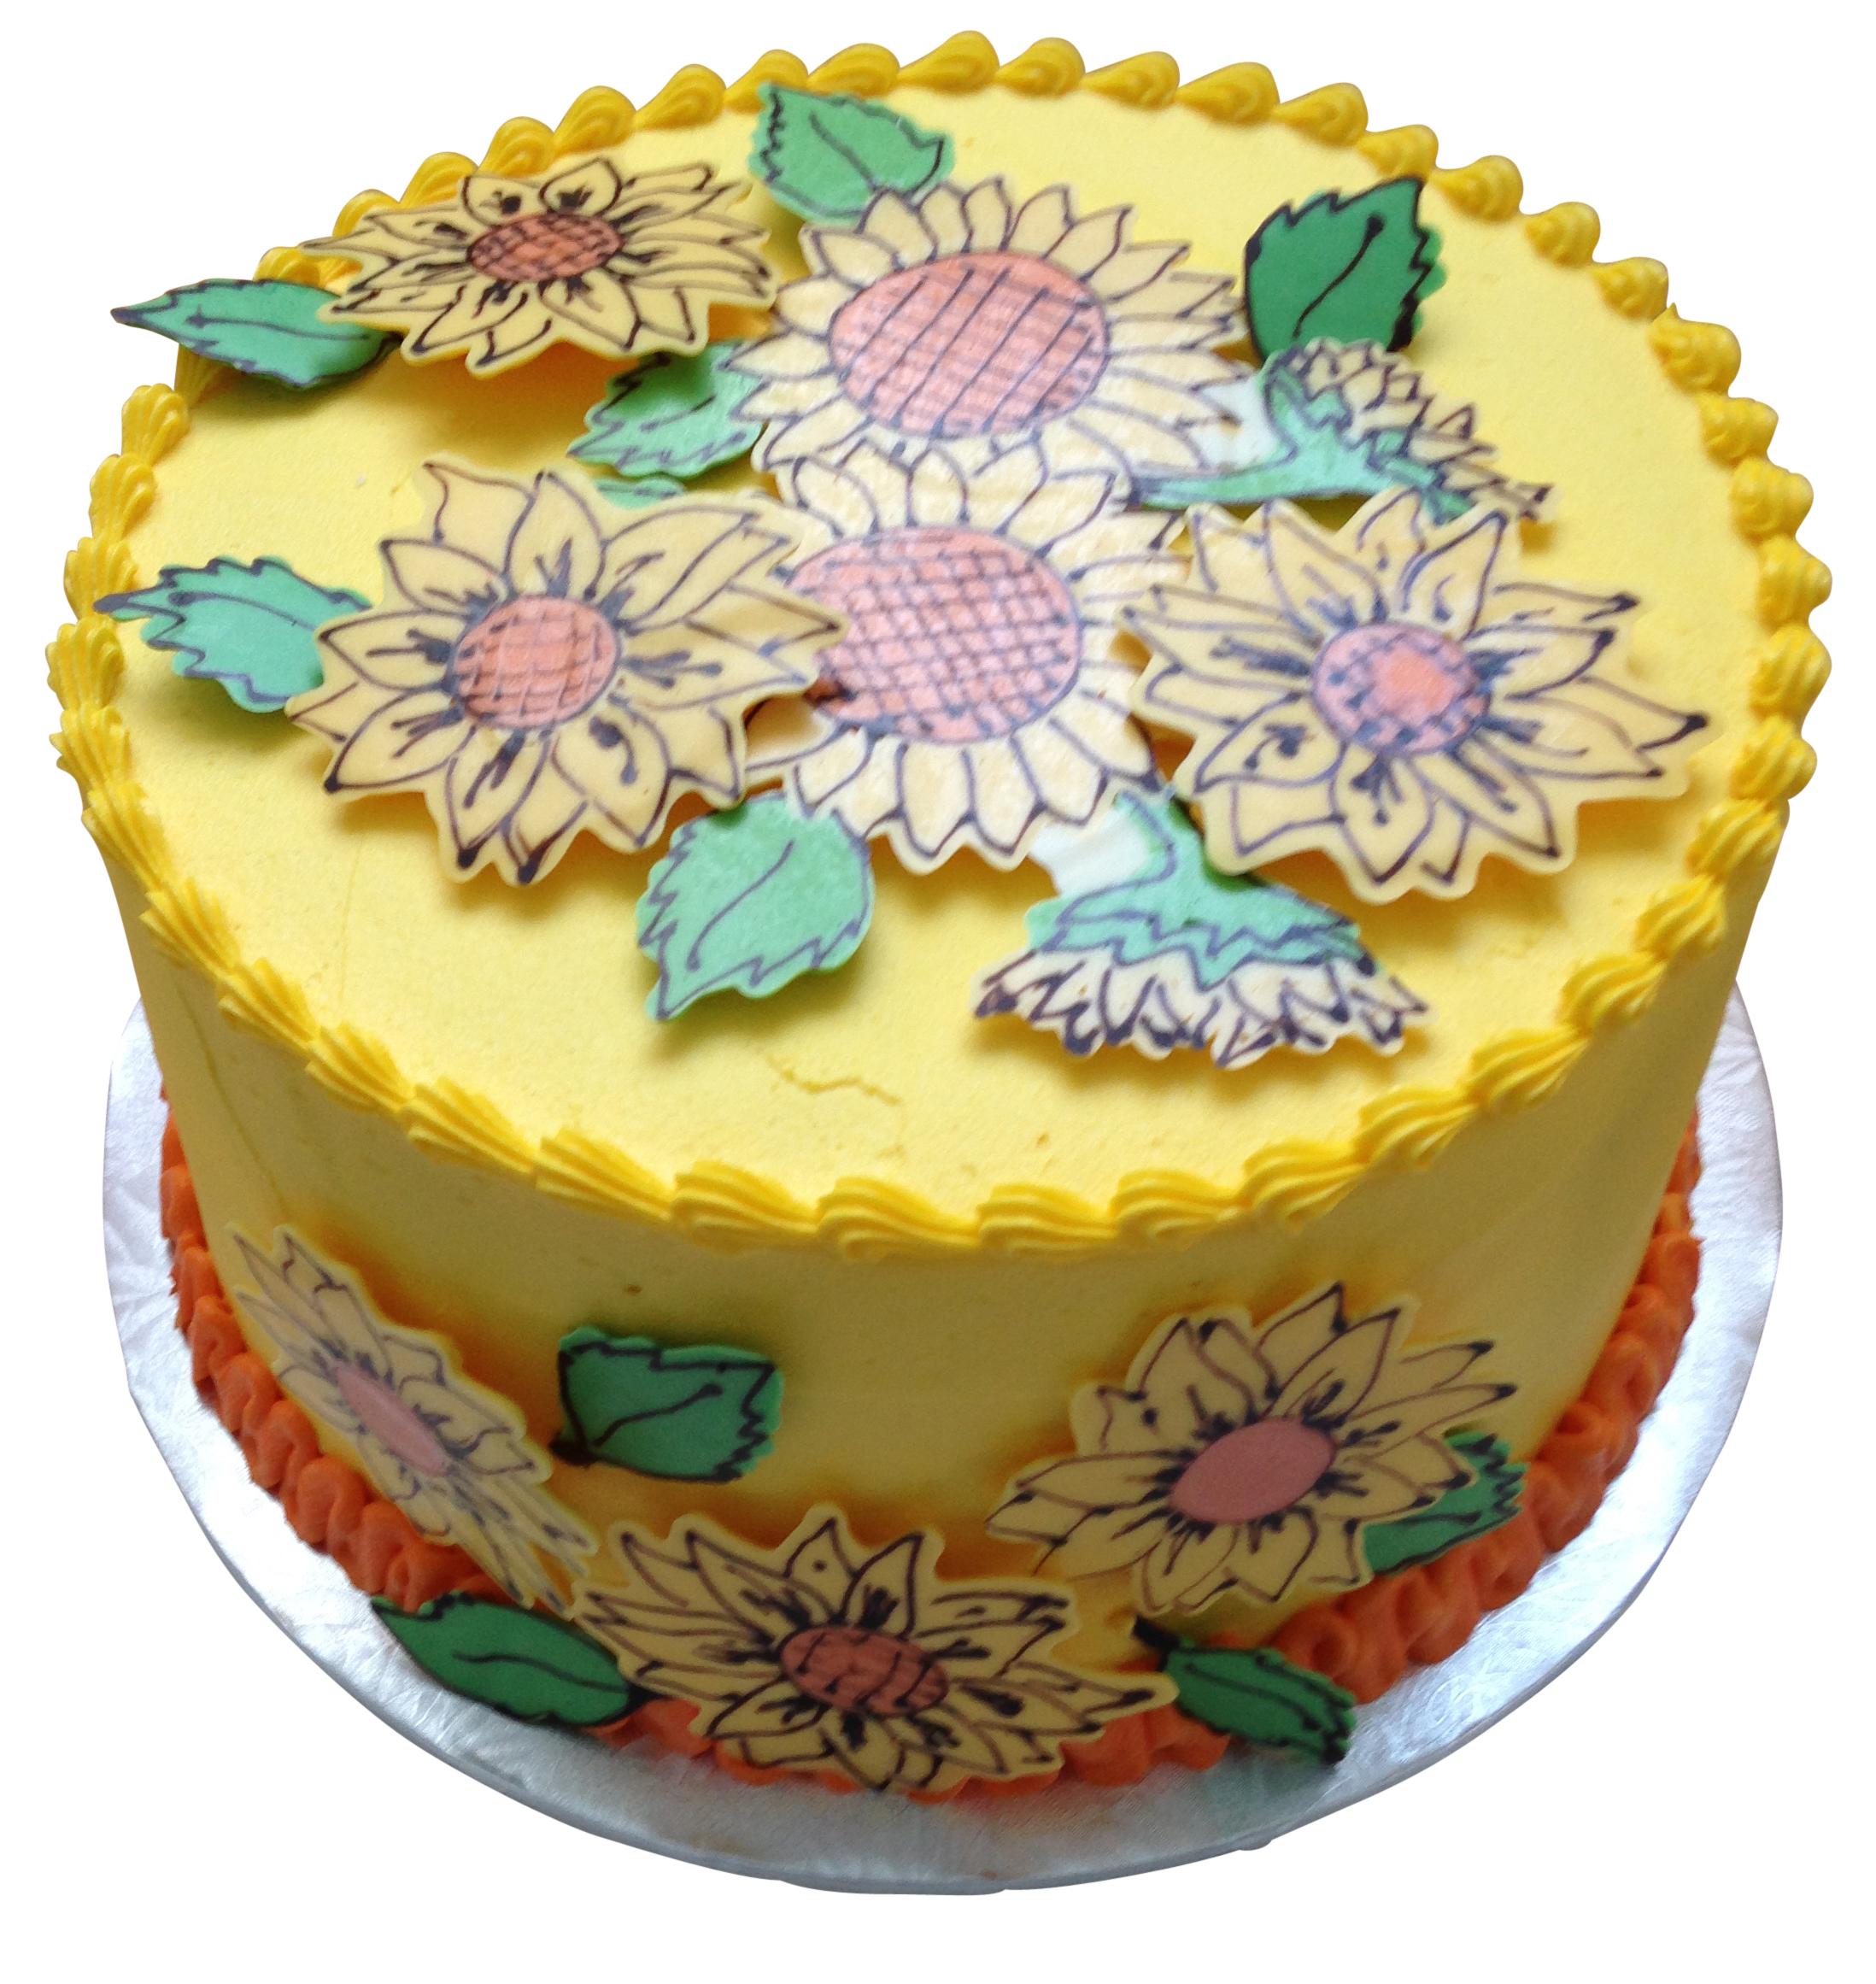 BeBe-Cakes-Thanksgiving-Cake.jpg